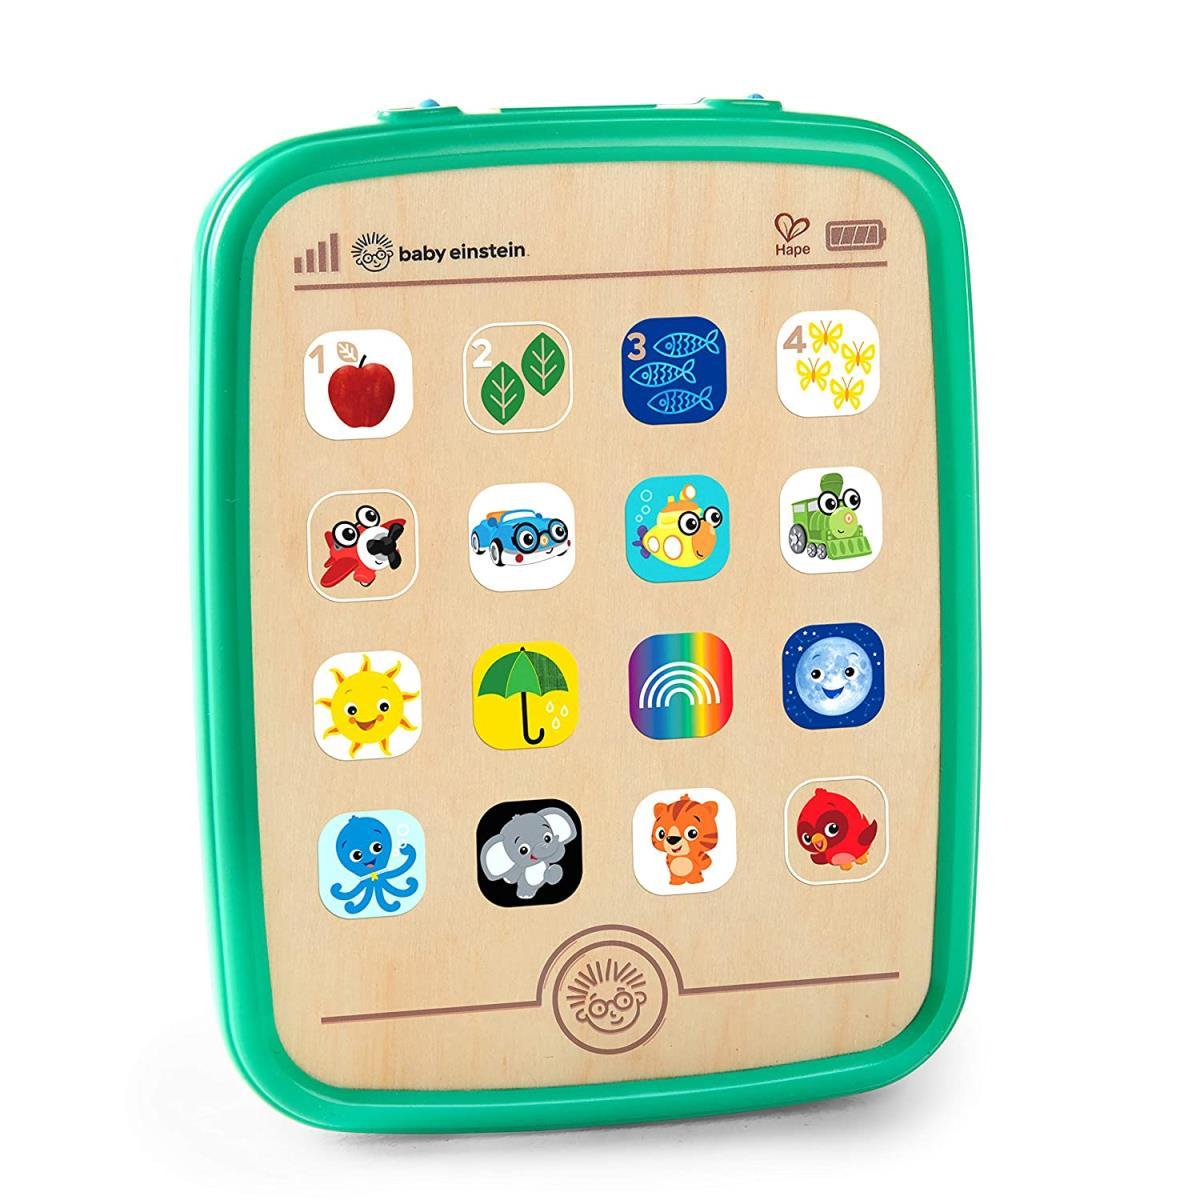 Baby Einstein Hape Magic Touch Tablet Musikspielzeug über 150 Melodien,Hape,11778, 6943478027268